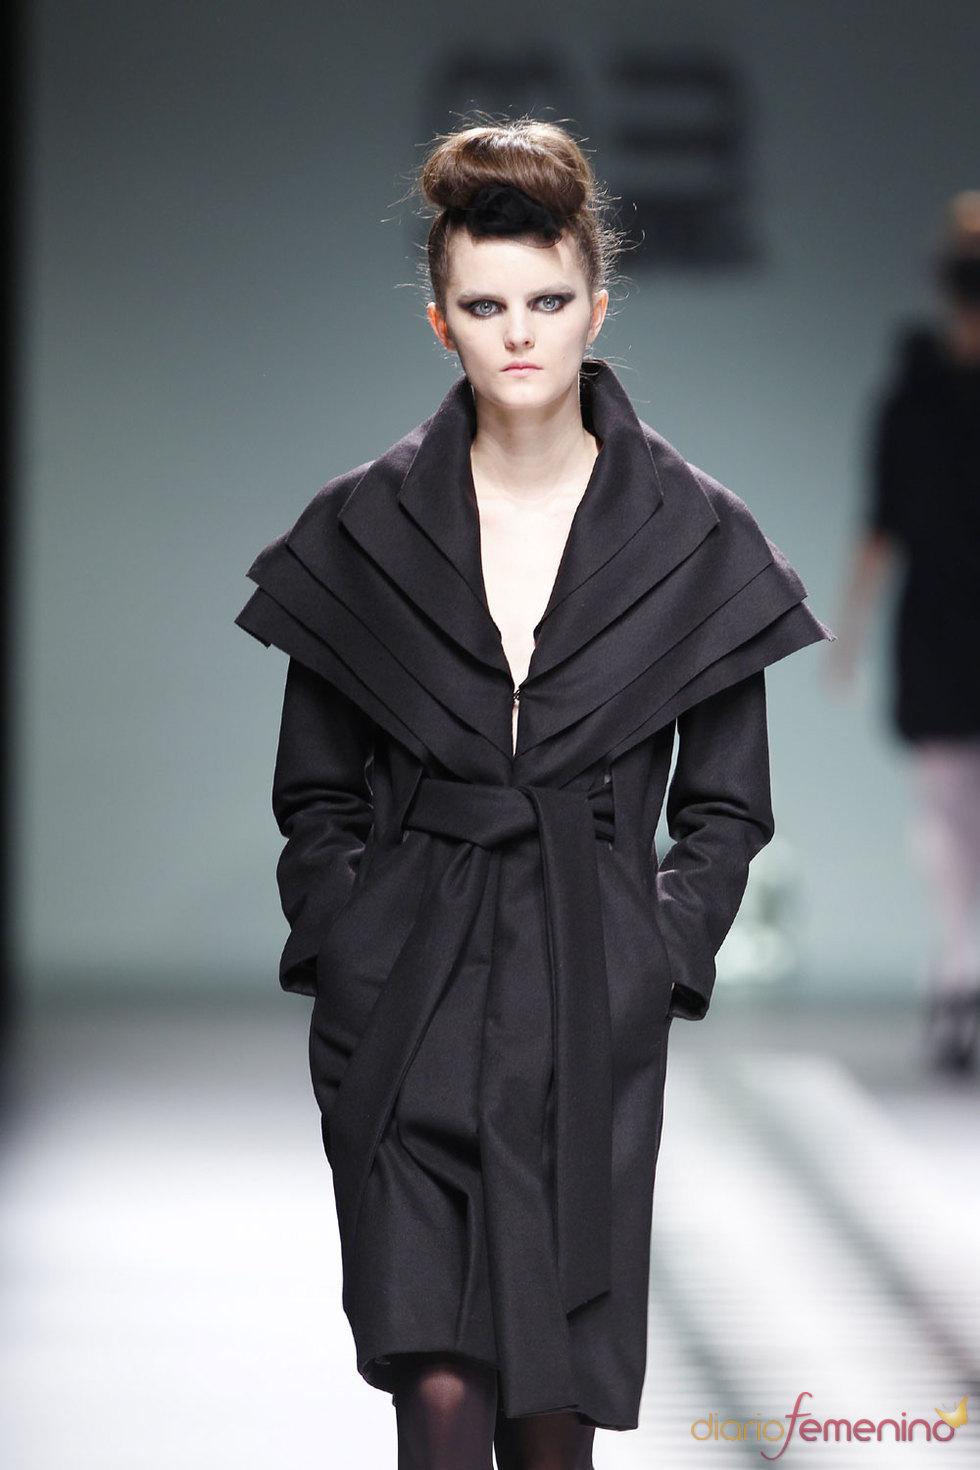 Vestido negro sofisticado de María Barros en la Pasarela Cibeles